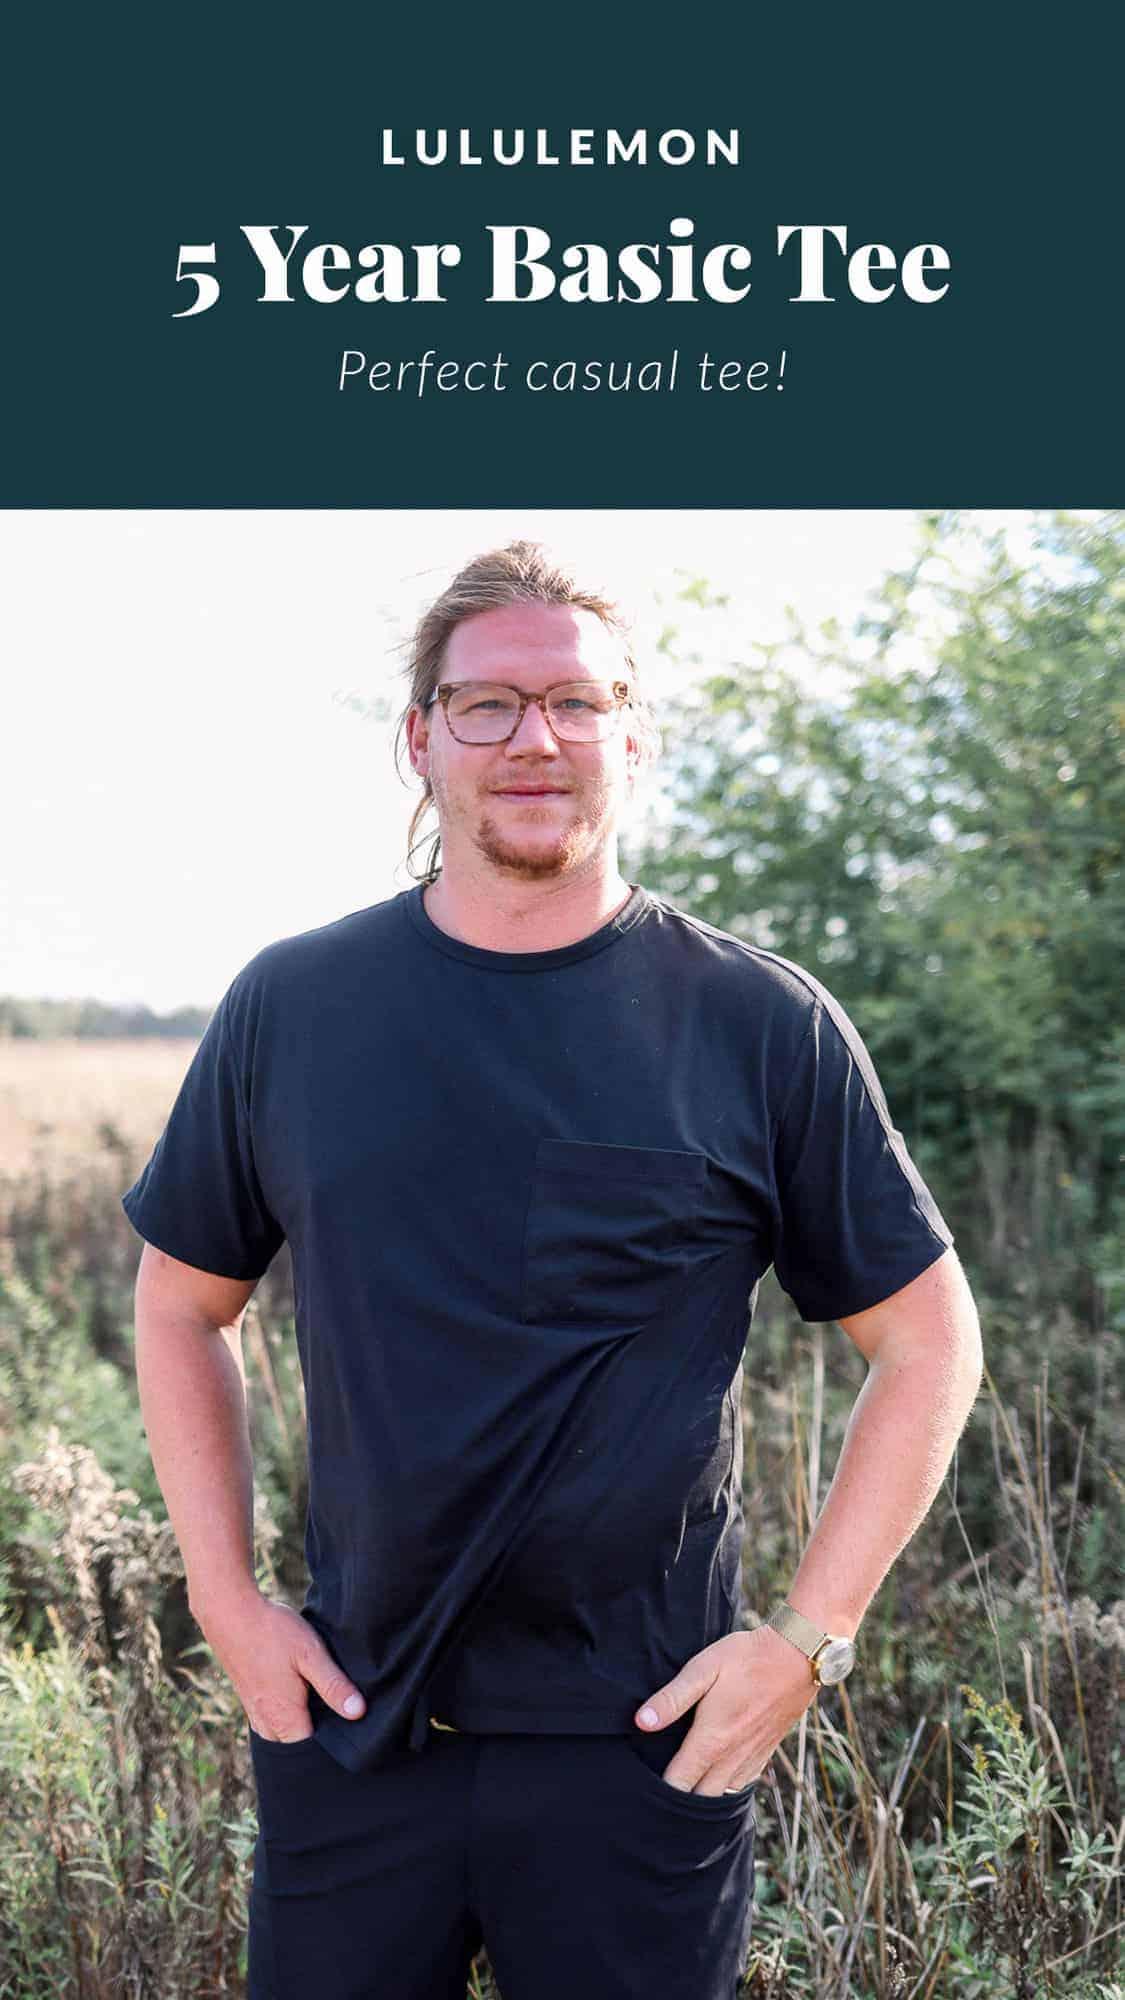 man wearing lululemon t shirt